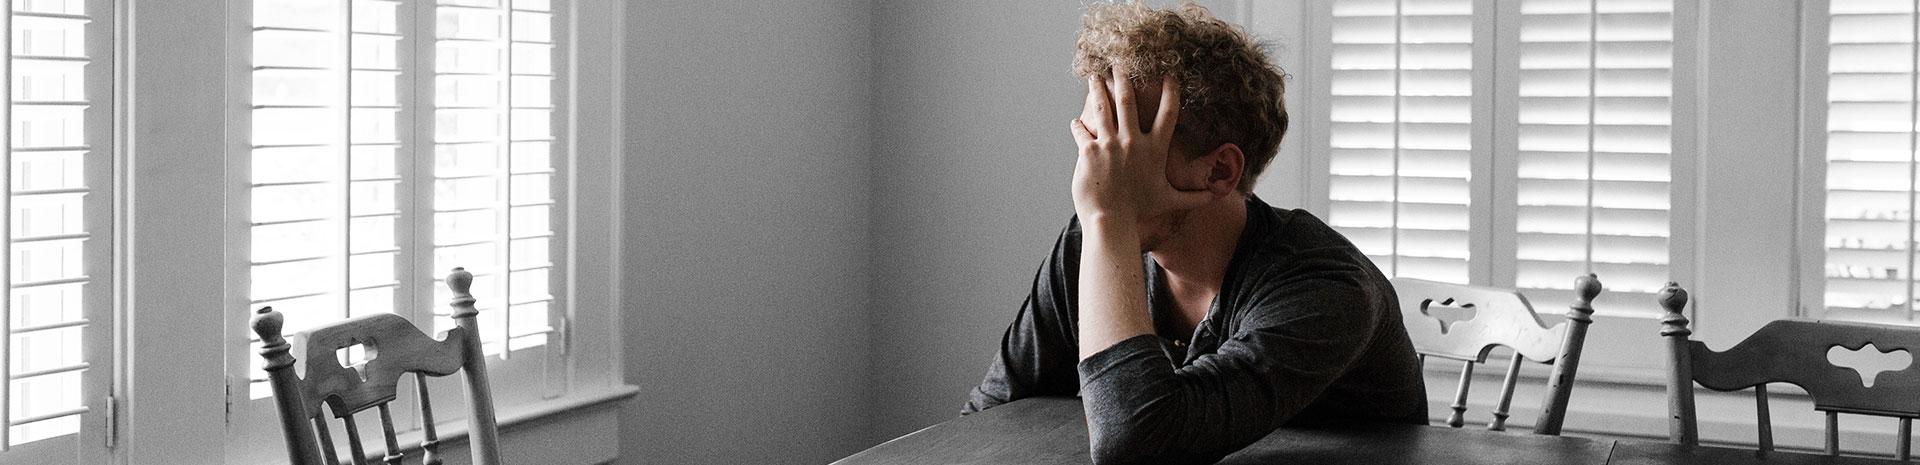 psychologische-klachten-na-ongeval-vaak-nog-lang-merkbaar